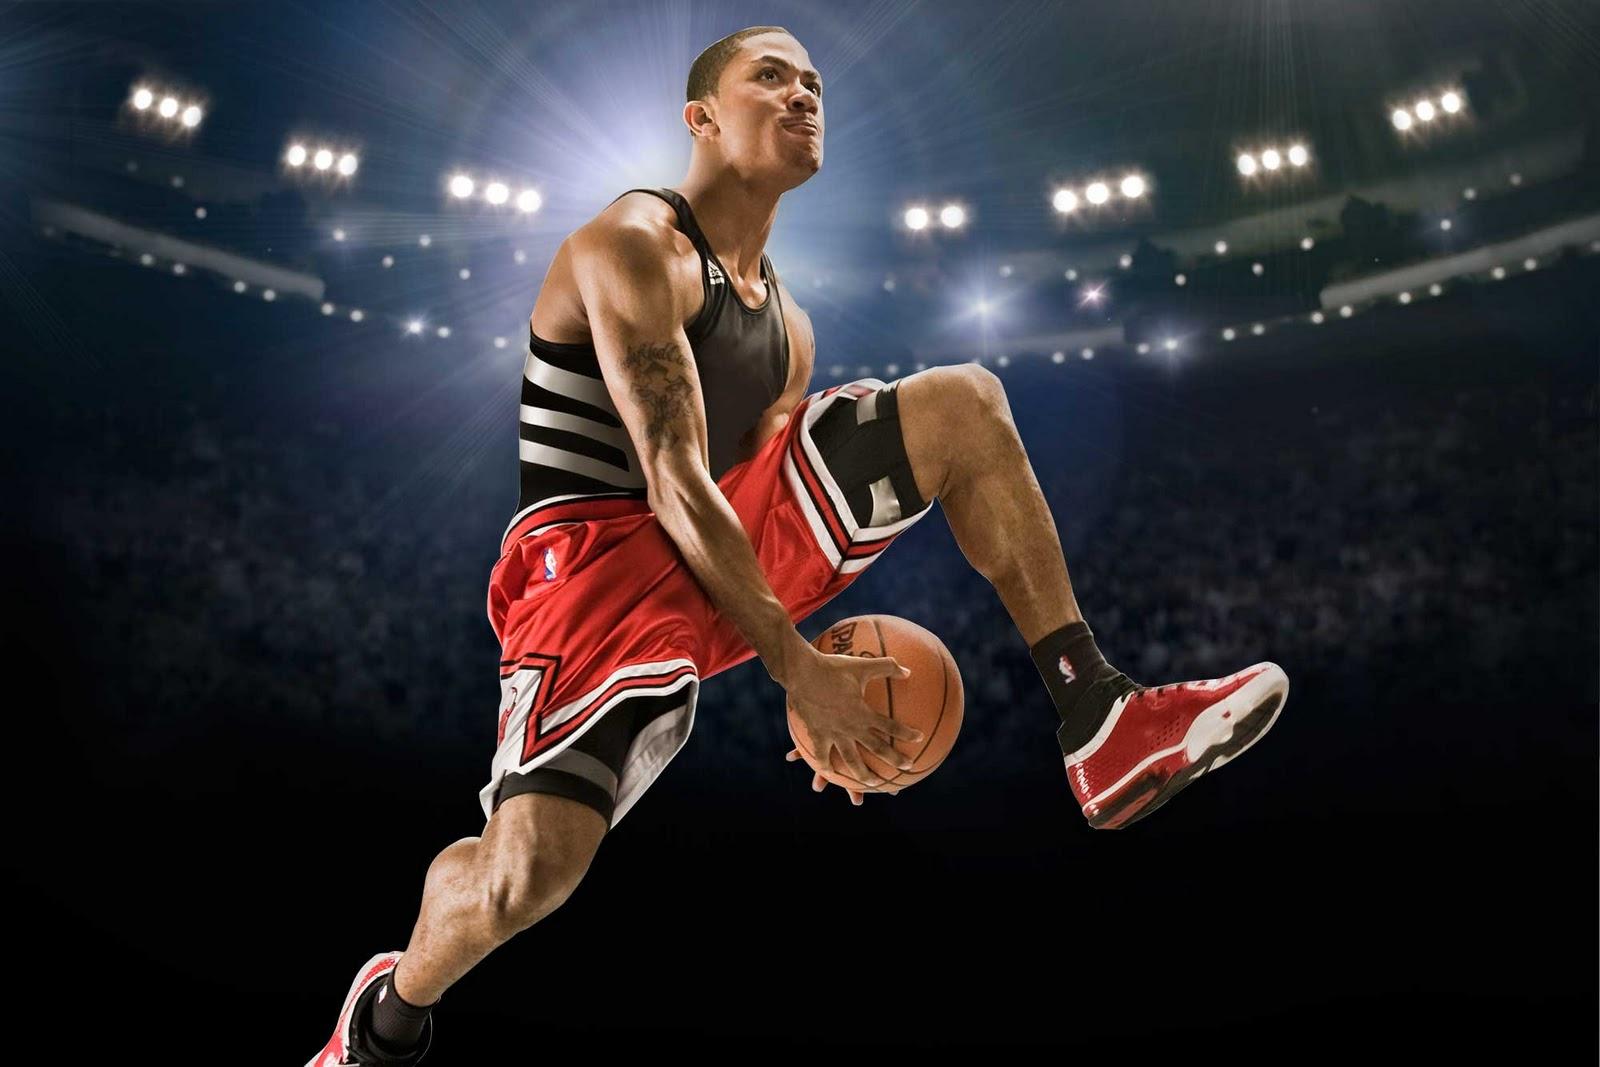 http://1.bp.blogspot.com/-y2tuLxQixb4/TV1RoWbkTQI/AAAAAAAAAEU/1eXebnwHoDQ/s1600/Derrick_Rose_Adidas_Sneakers_Streetball.jpg